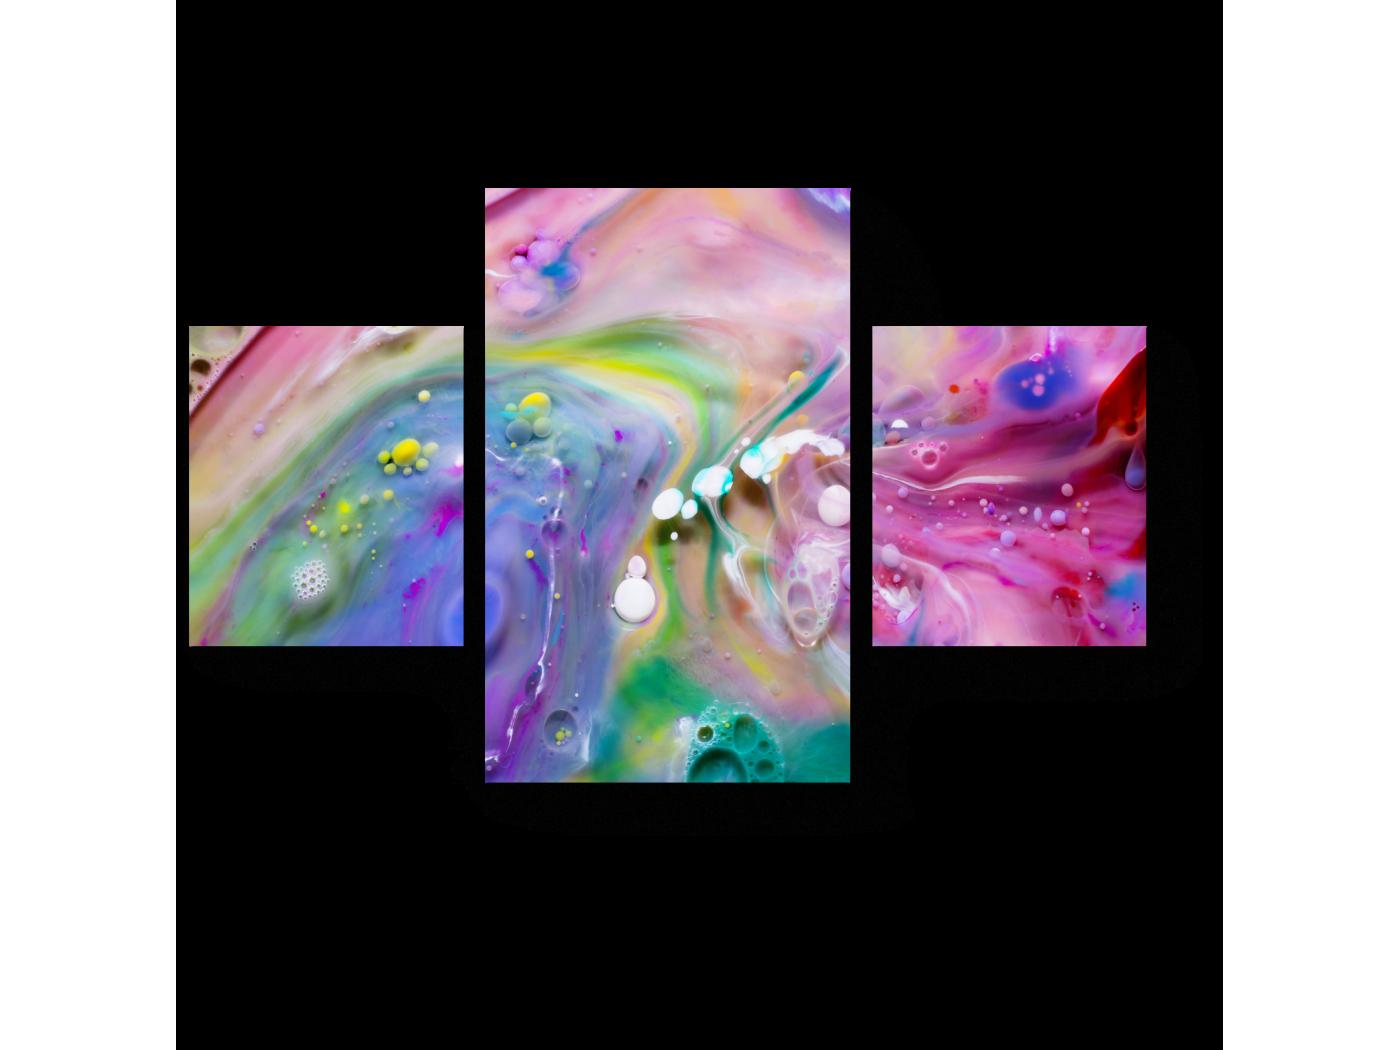 Модульная картина На поверхности воды (80x52) фото